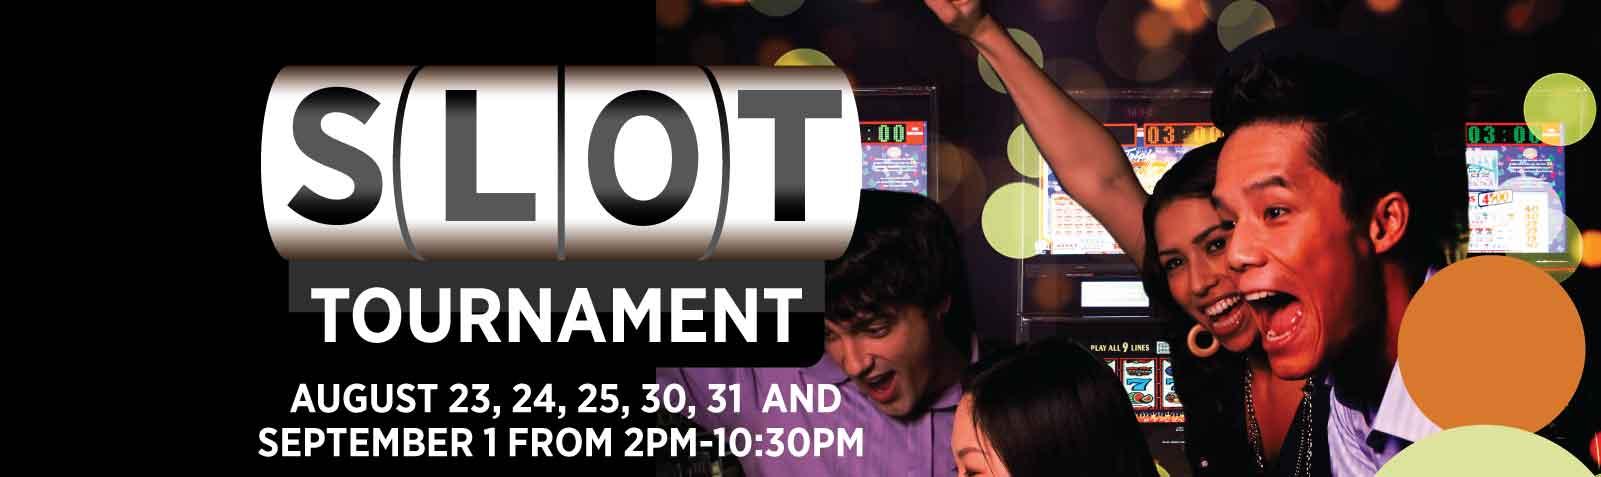 MKT16-245-Slot-Tournament-SLider-August